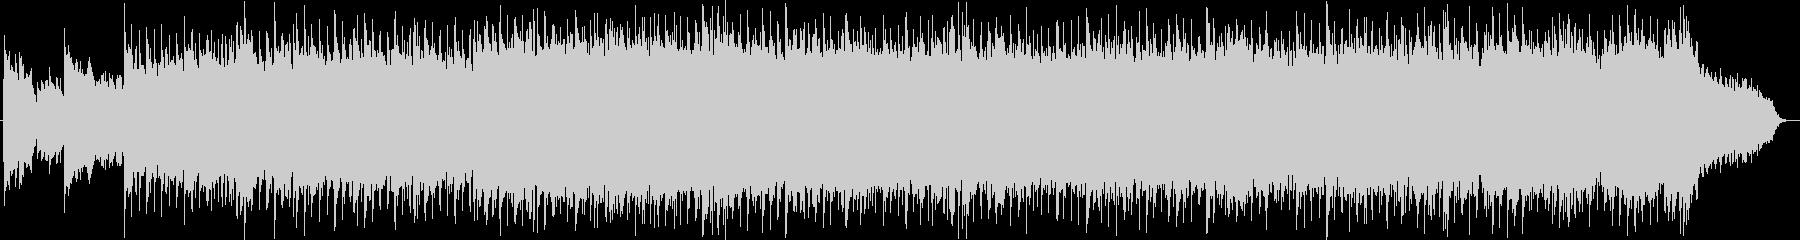 ベル系シンセのキラキラ系ポップスの未再生の波形